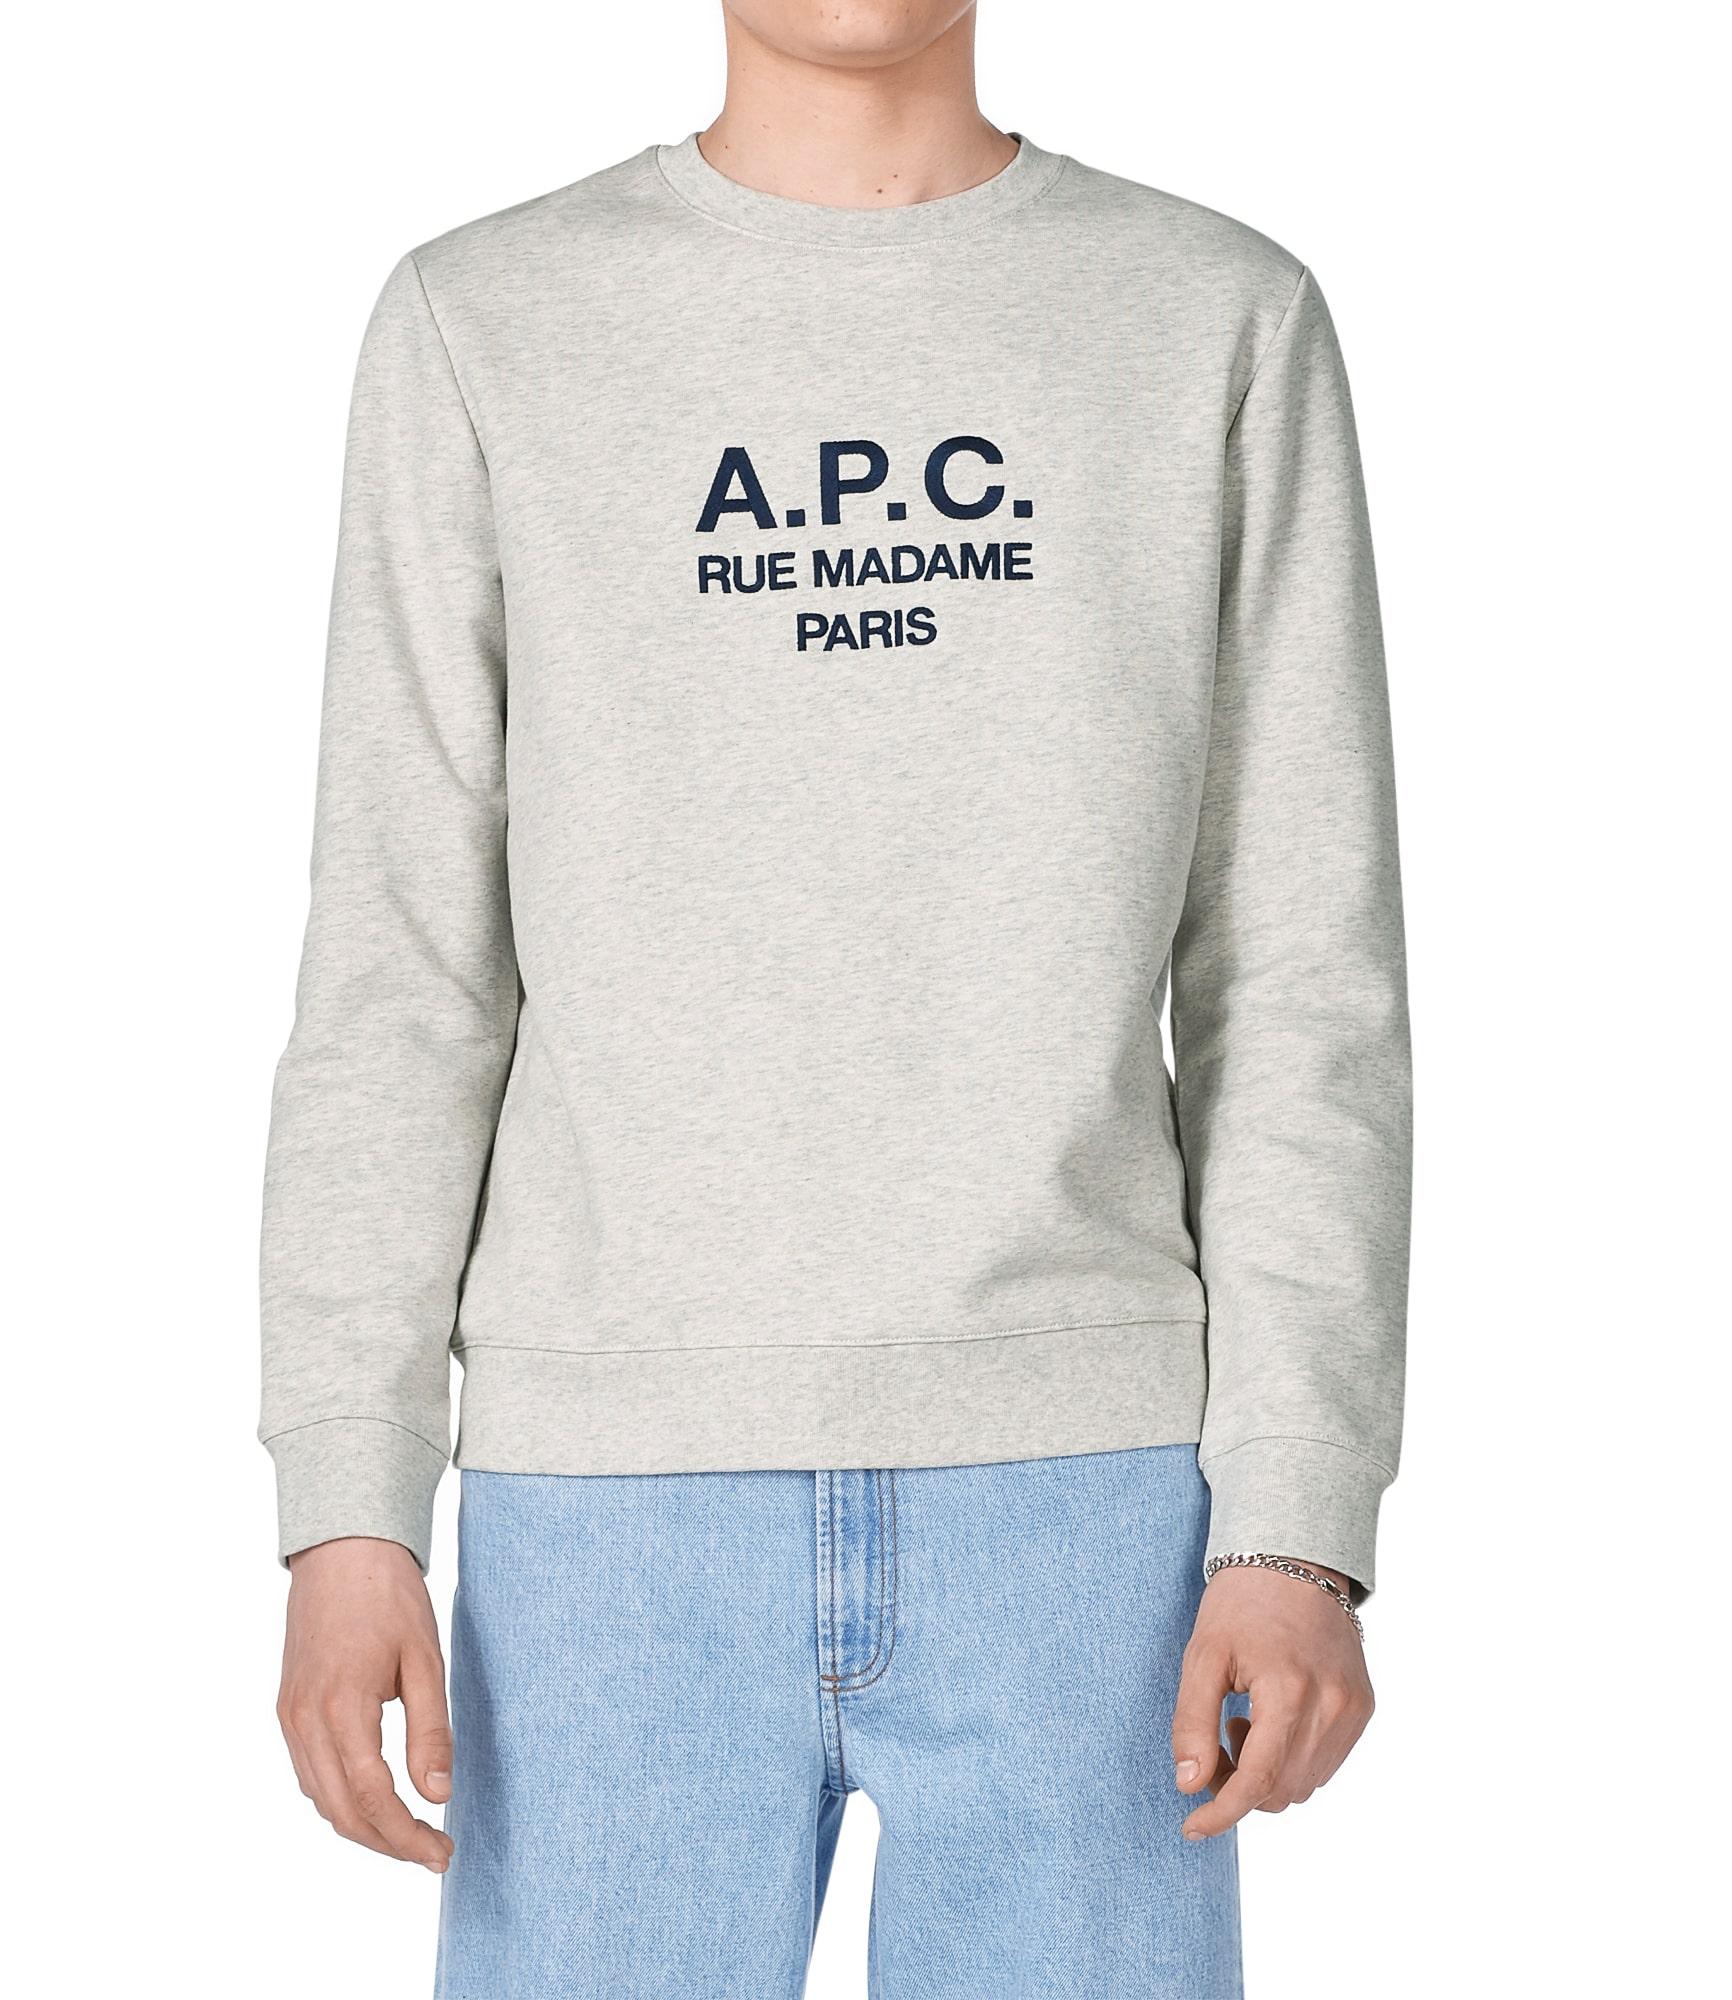 A.P.C.(アーペーセー)『Rufus スウェット』